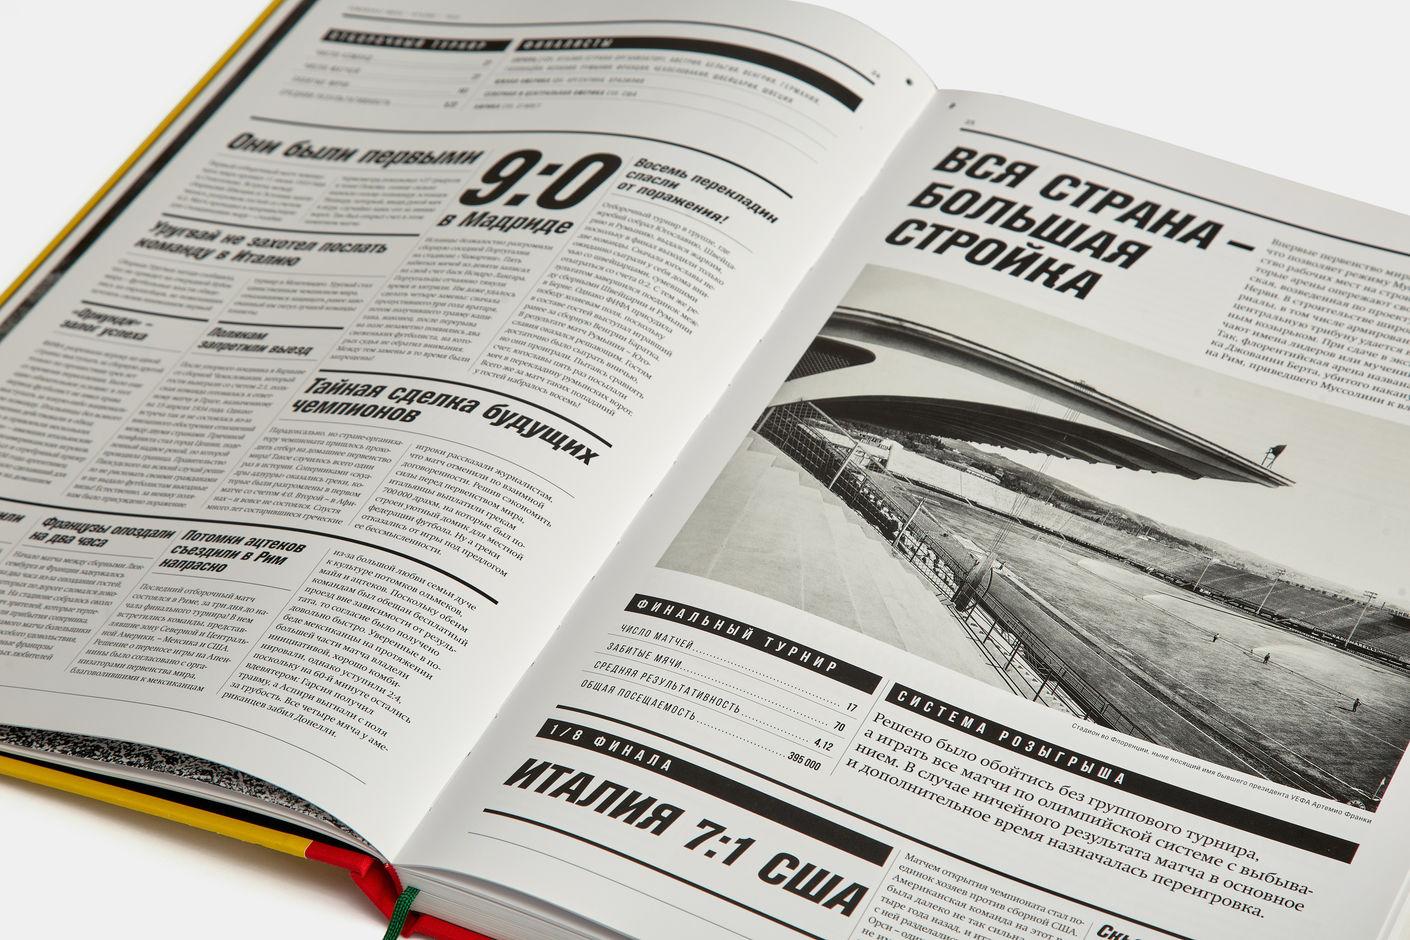 Футбол. Чемпионаты мира 1930-2014, Агей Томеш, Лаборатория дизайна НИУ ВШЭ